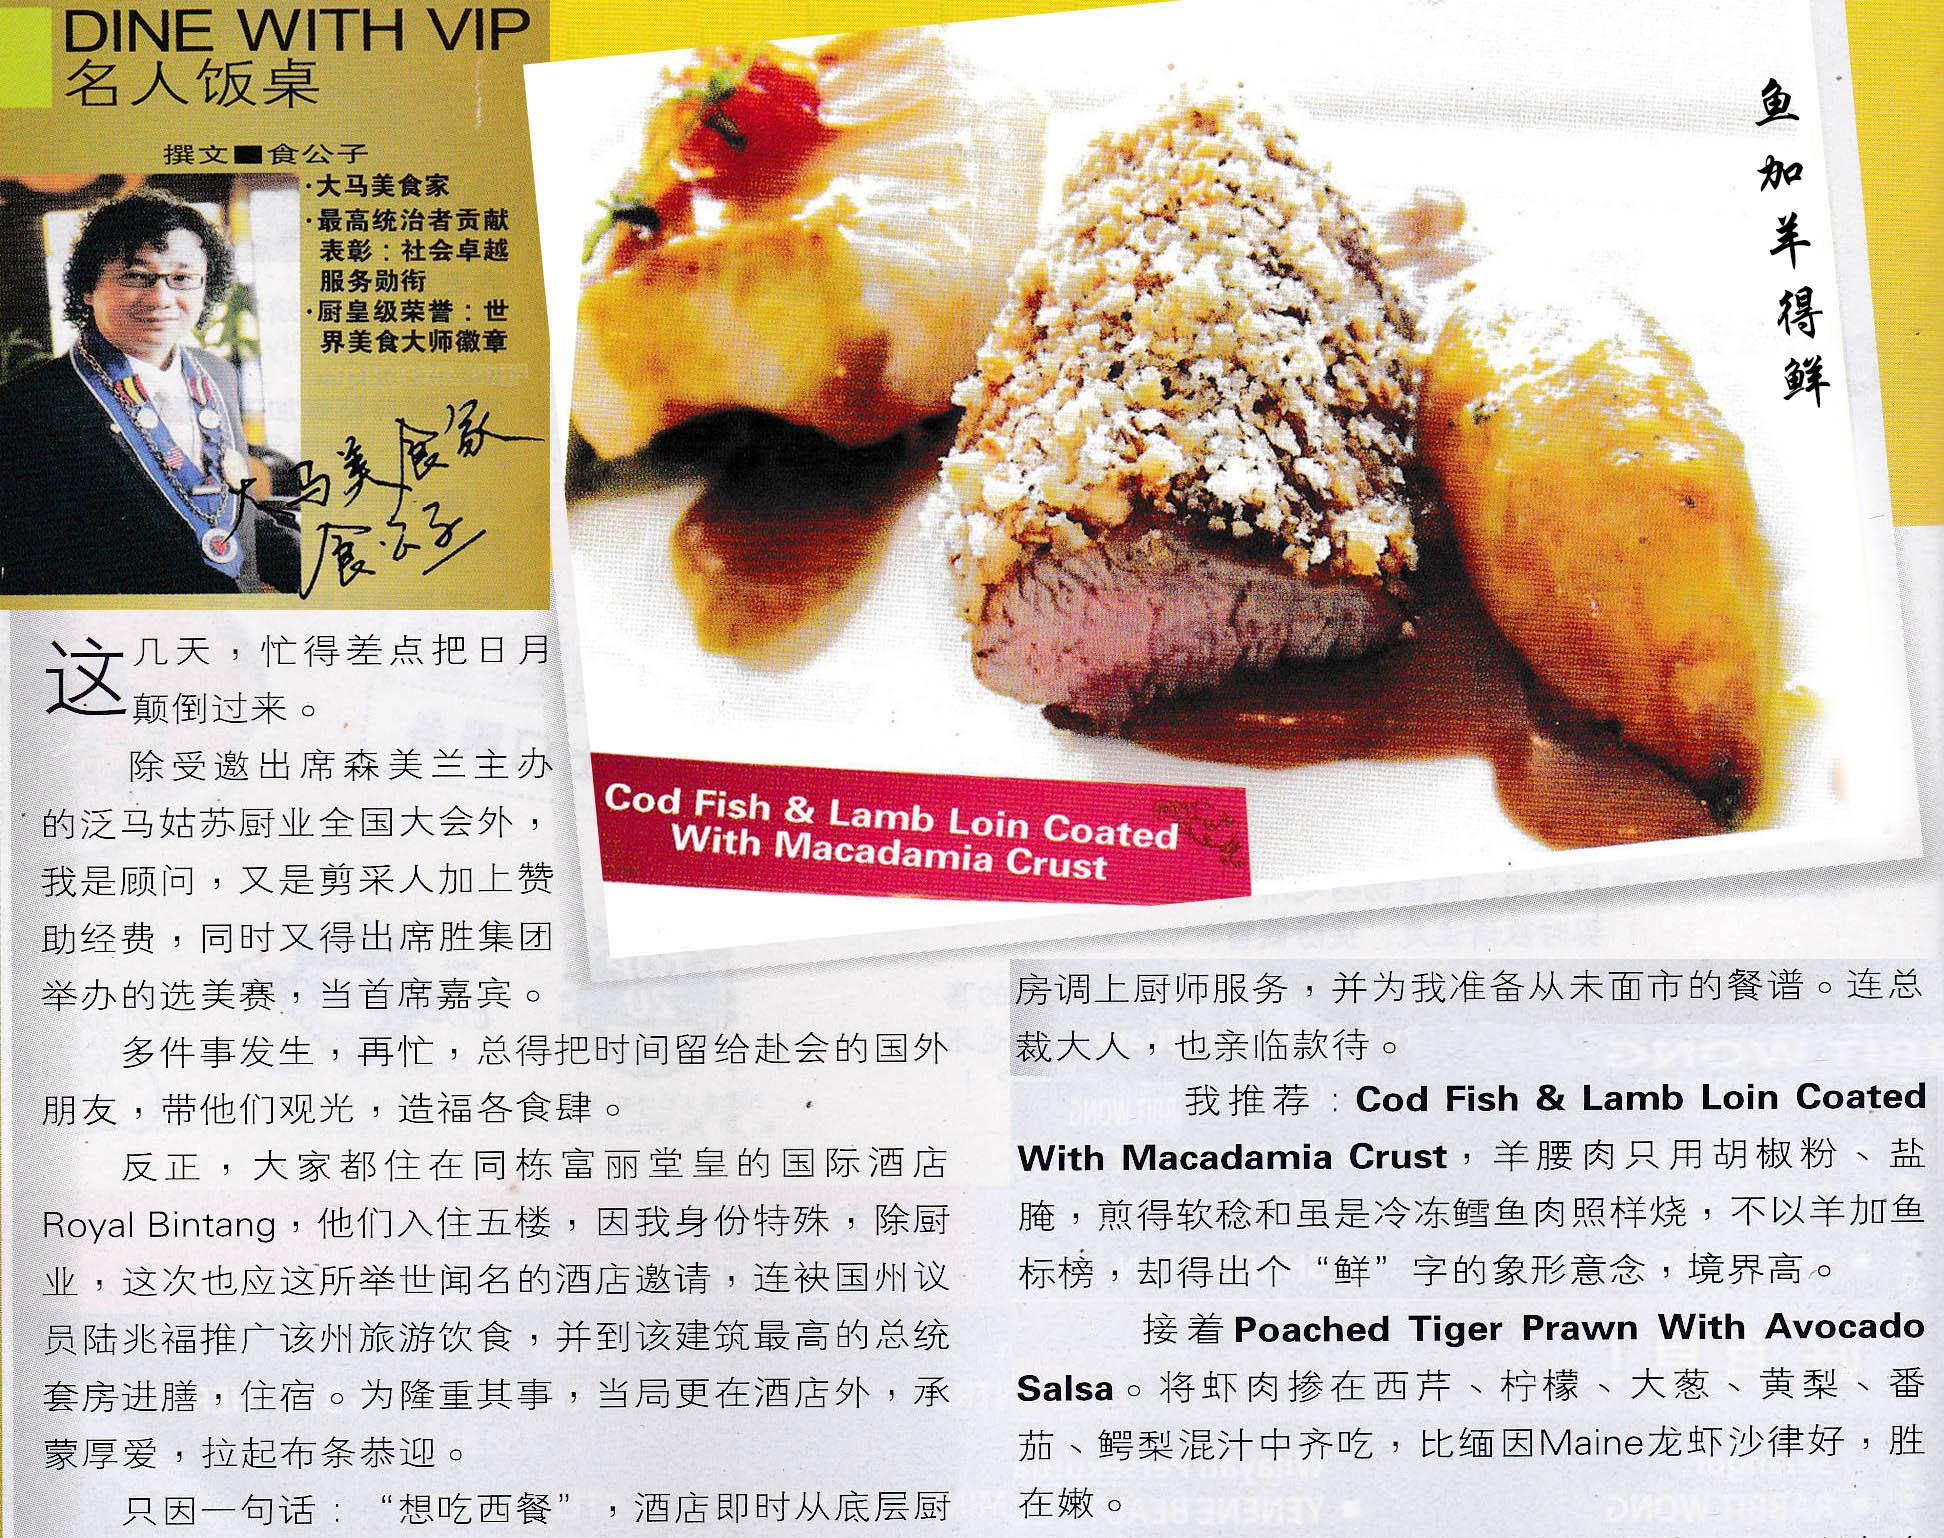 大马食神-陆兆福-羊加鱼的菜